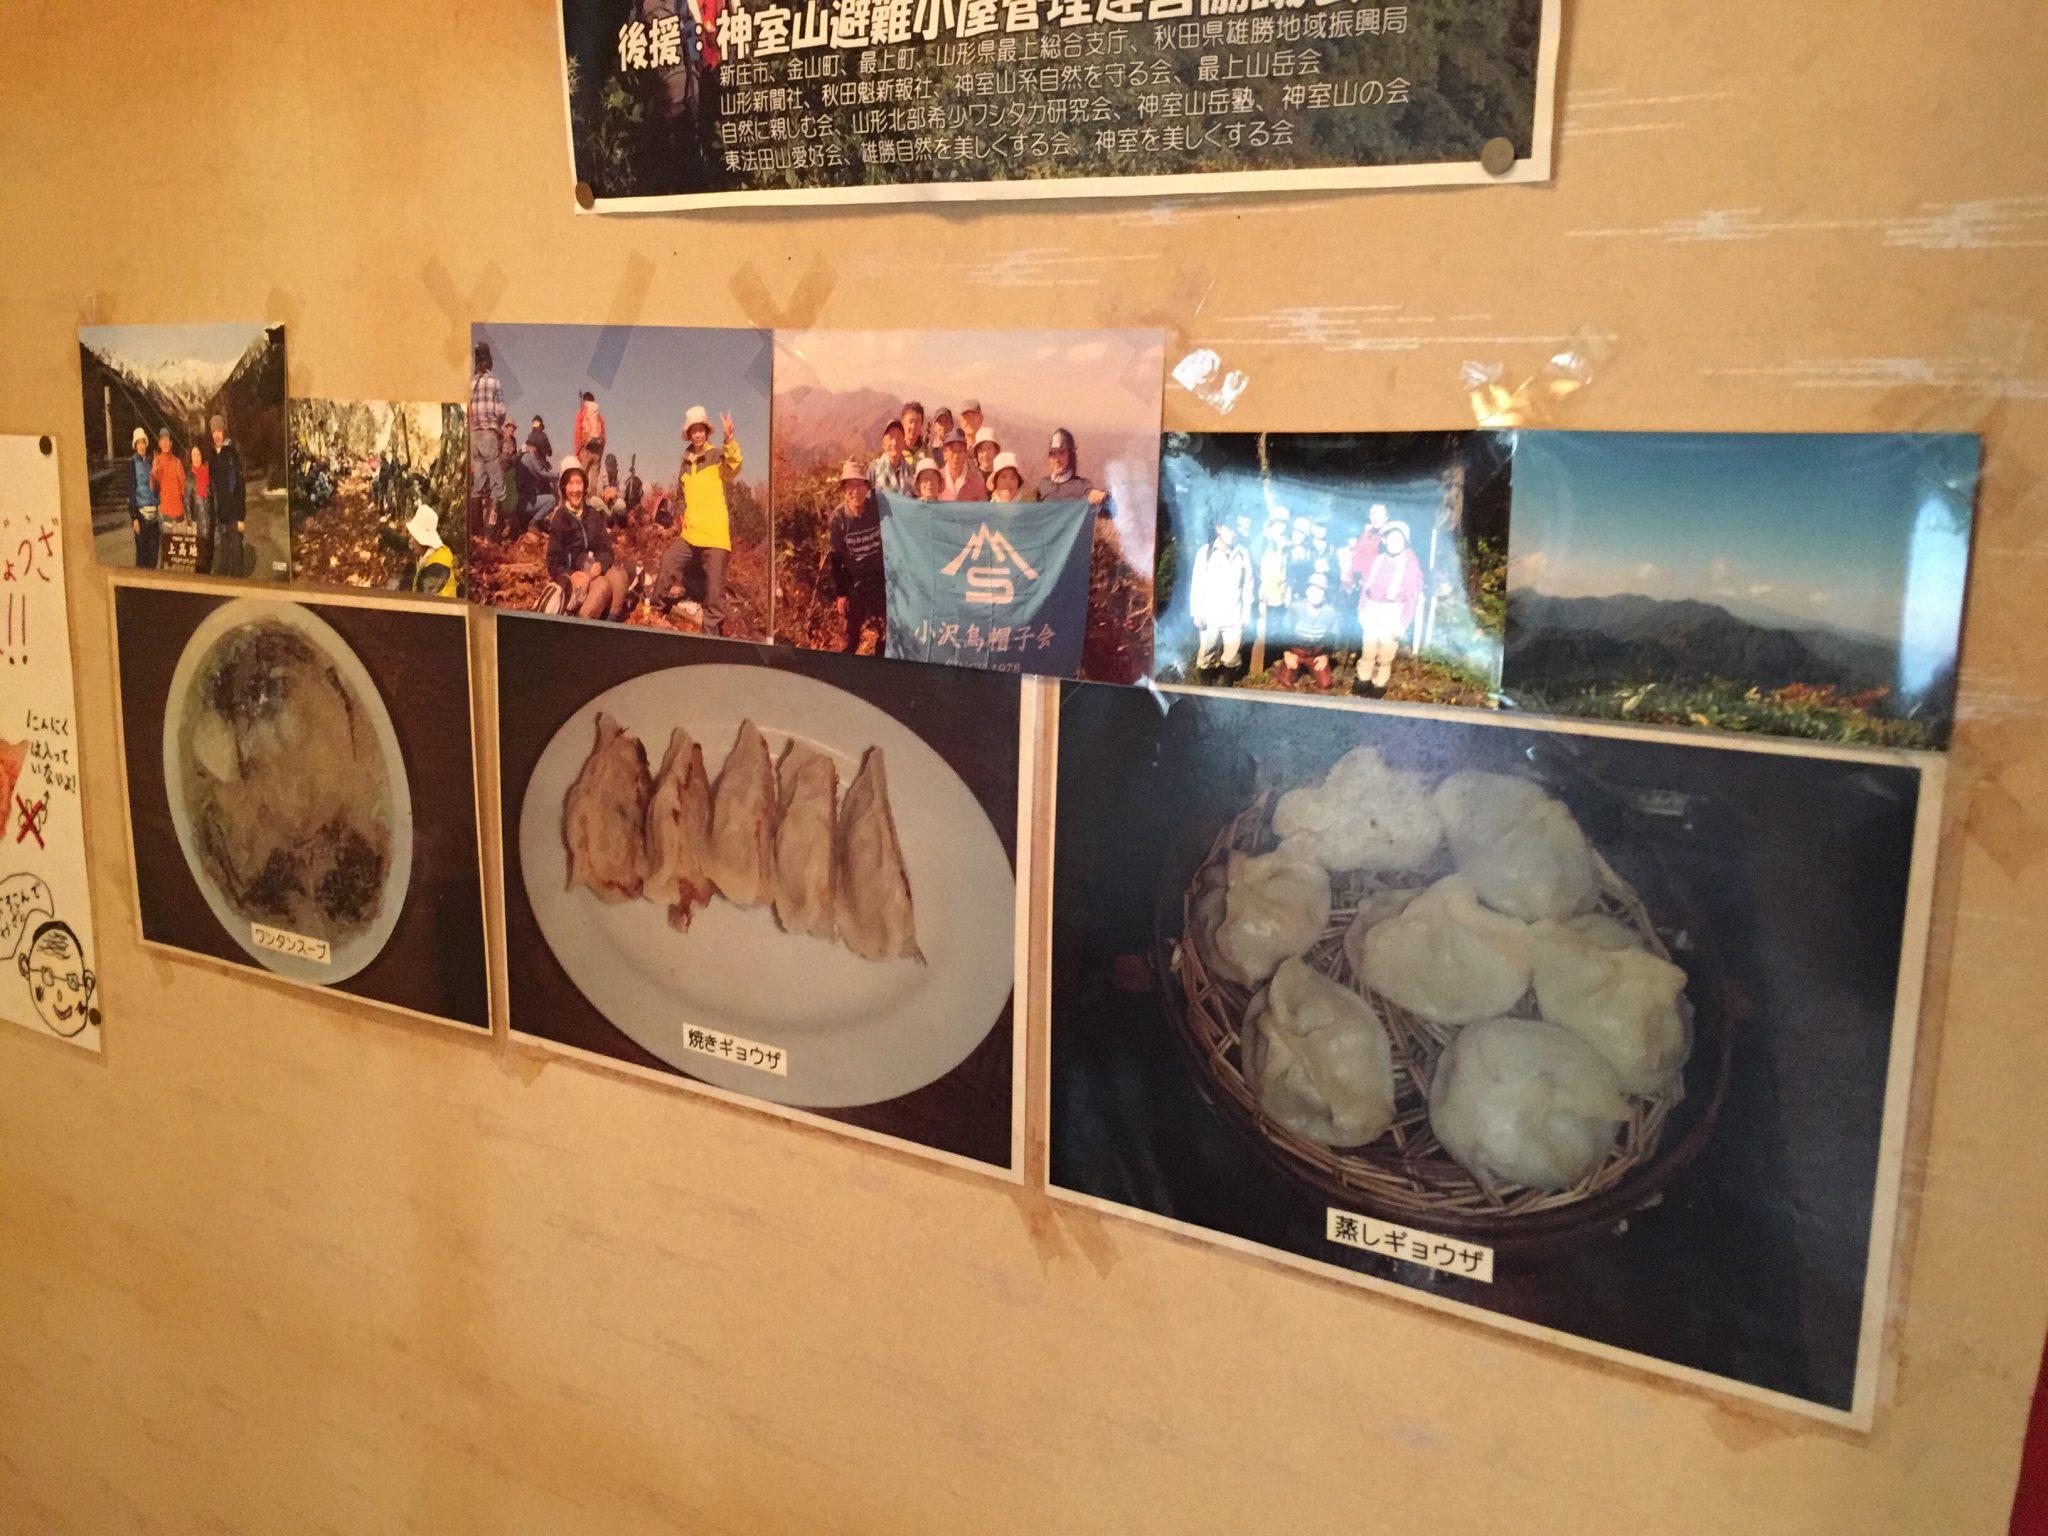 久米食堂 メニュー